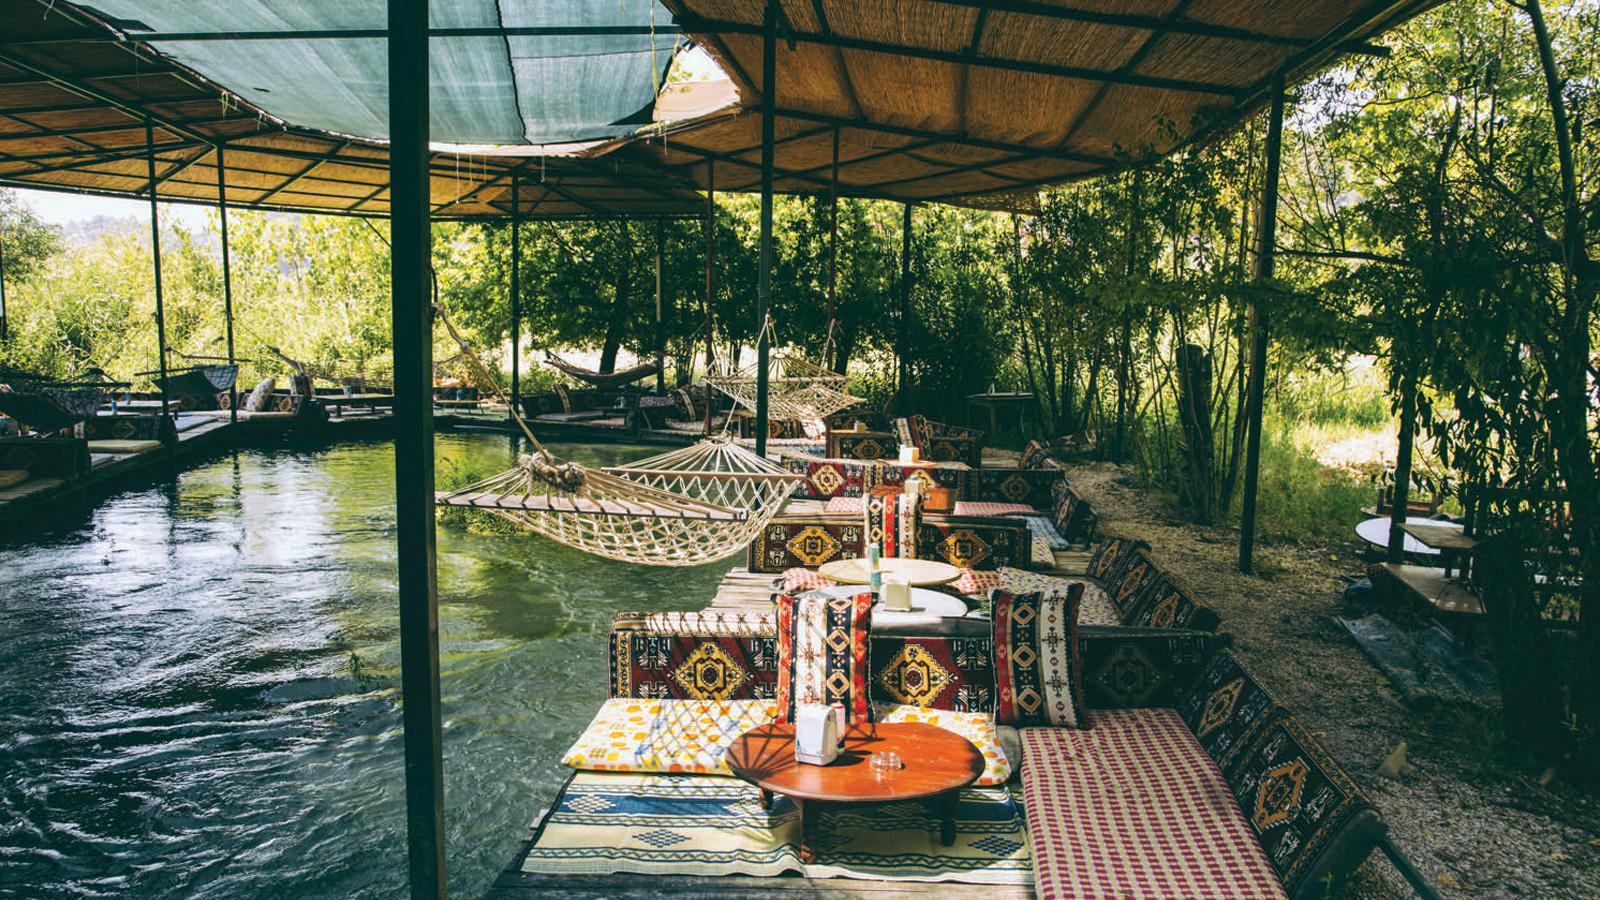 Blaue Lagunen - Segelabenteuer Türkei Segeltörn traveljunkies Reisen für junge Leute